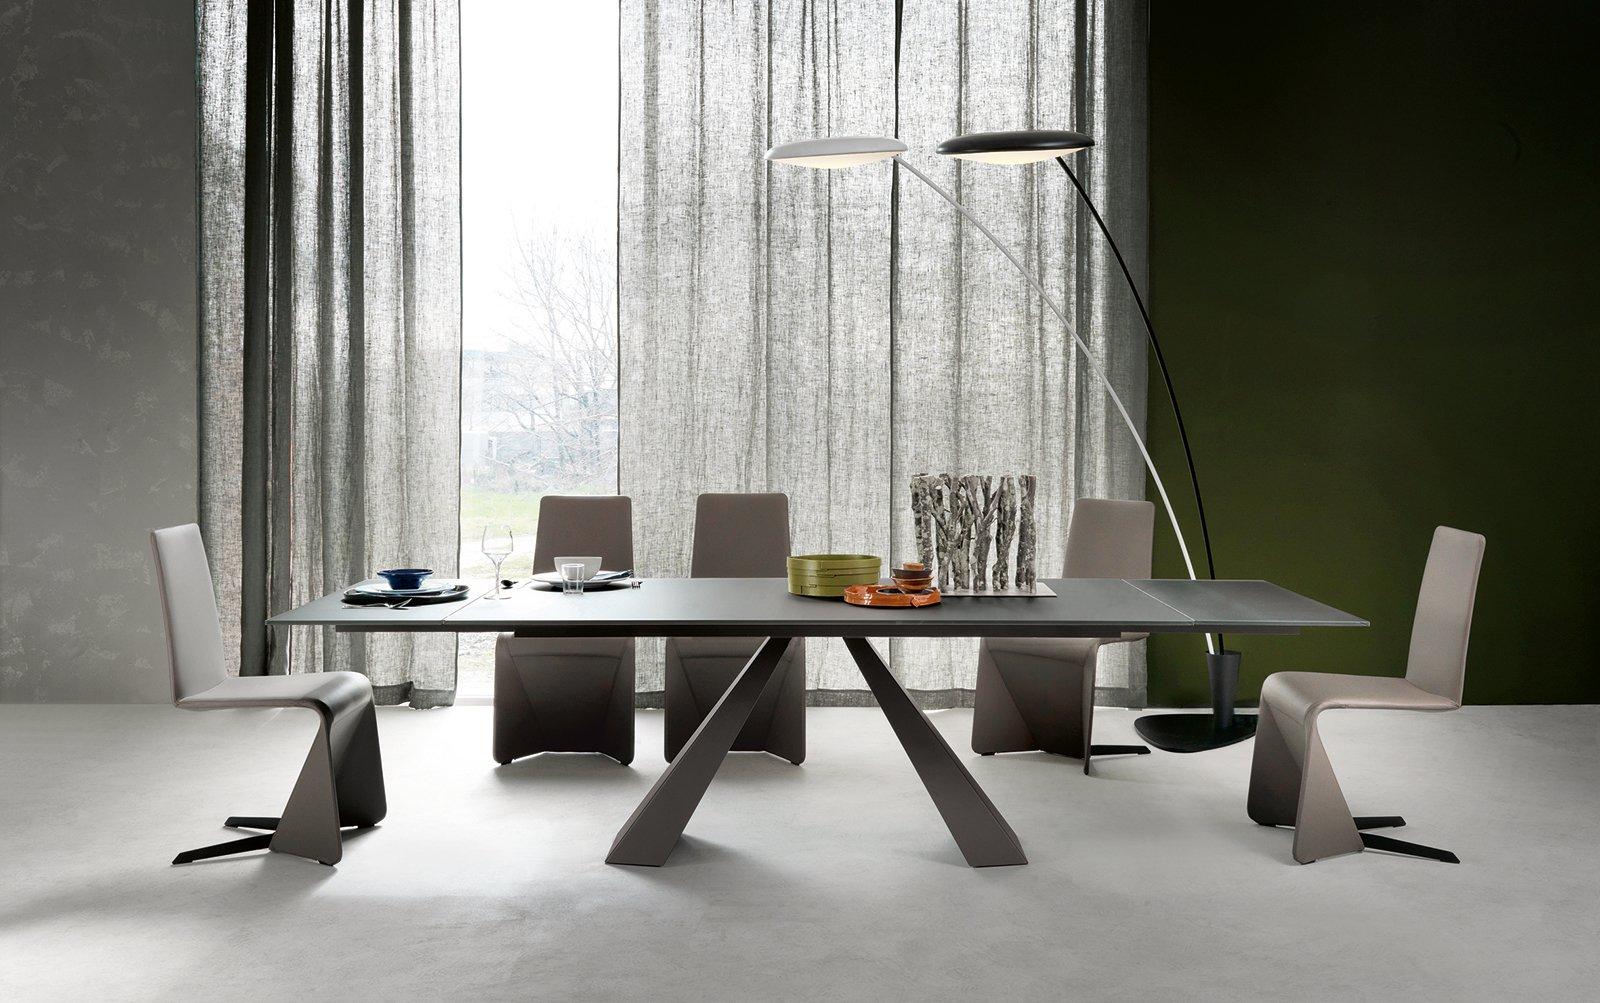 Tavoli con sostegno centrale cose di casa - Tavolo cristallo calligaris ...